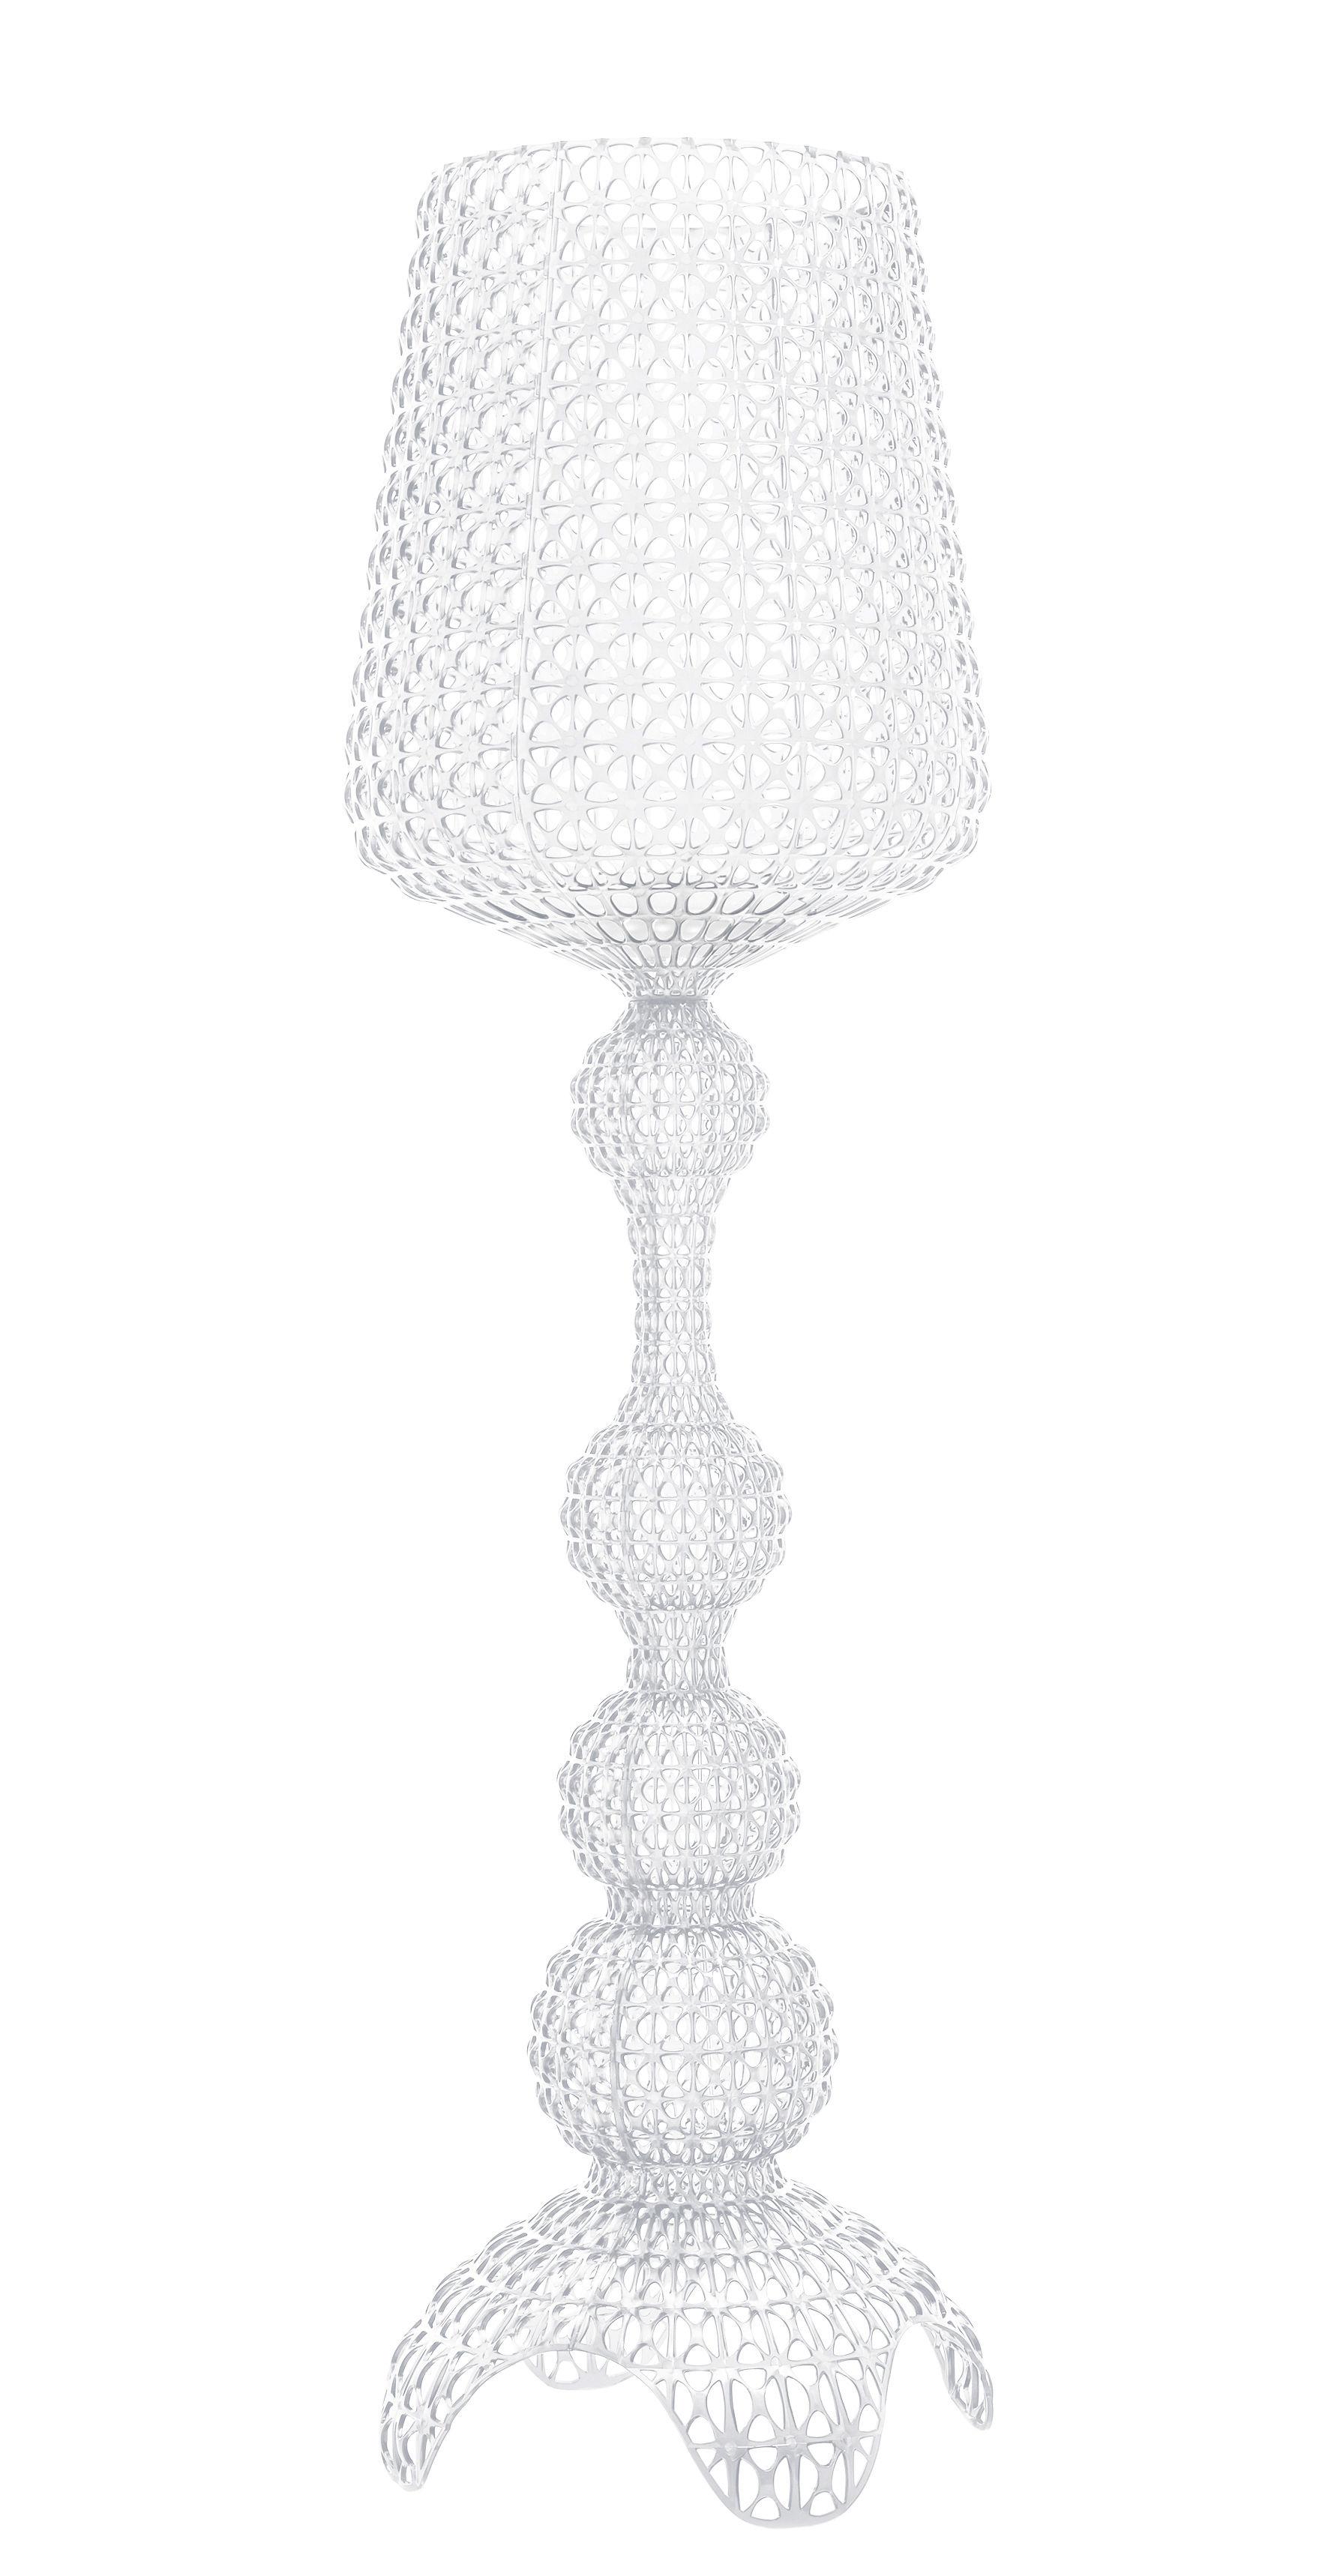 Luminaire - Lampadaires - Lampadaire Kabuki Indoor / LED - Pour l'intérieur - H 165 cm - Kartell - Cristal - Technopolymère thermoplastique